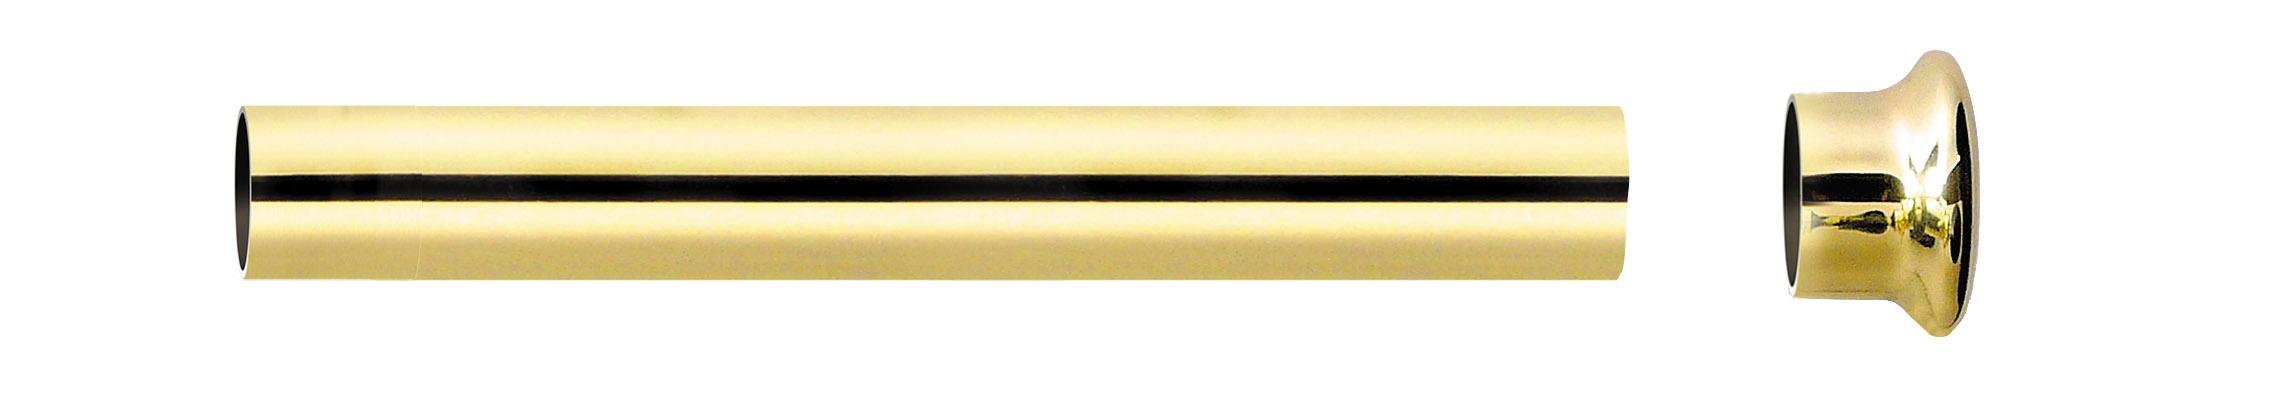 Tube Nu Doré 2 m (Dorée)